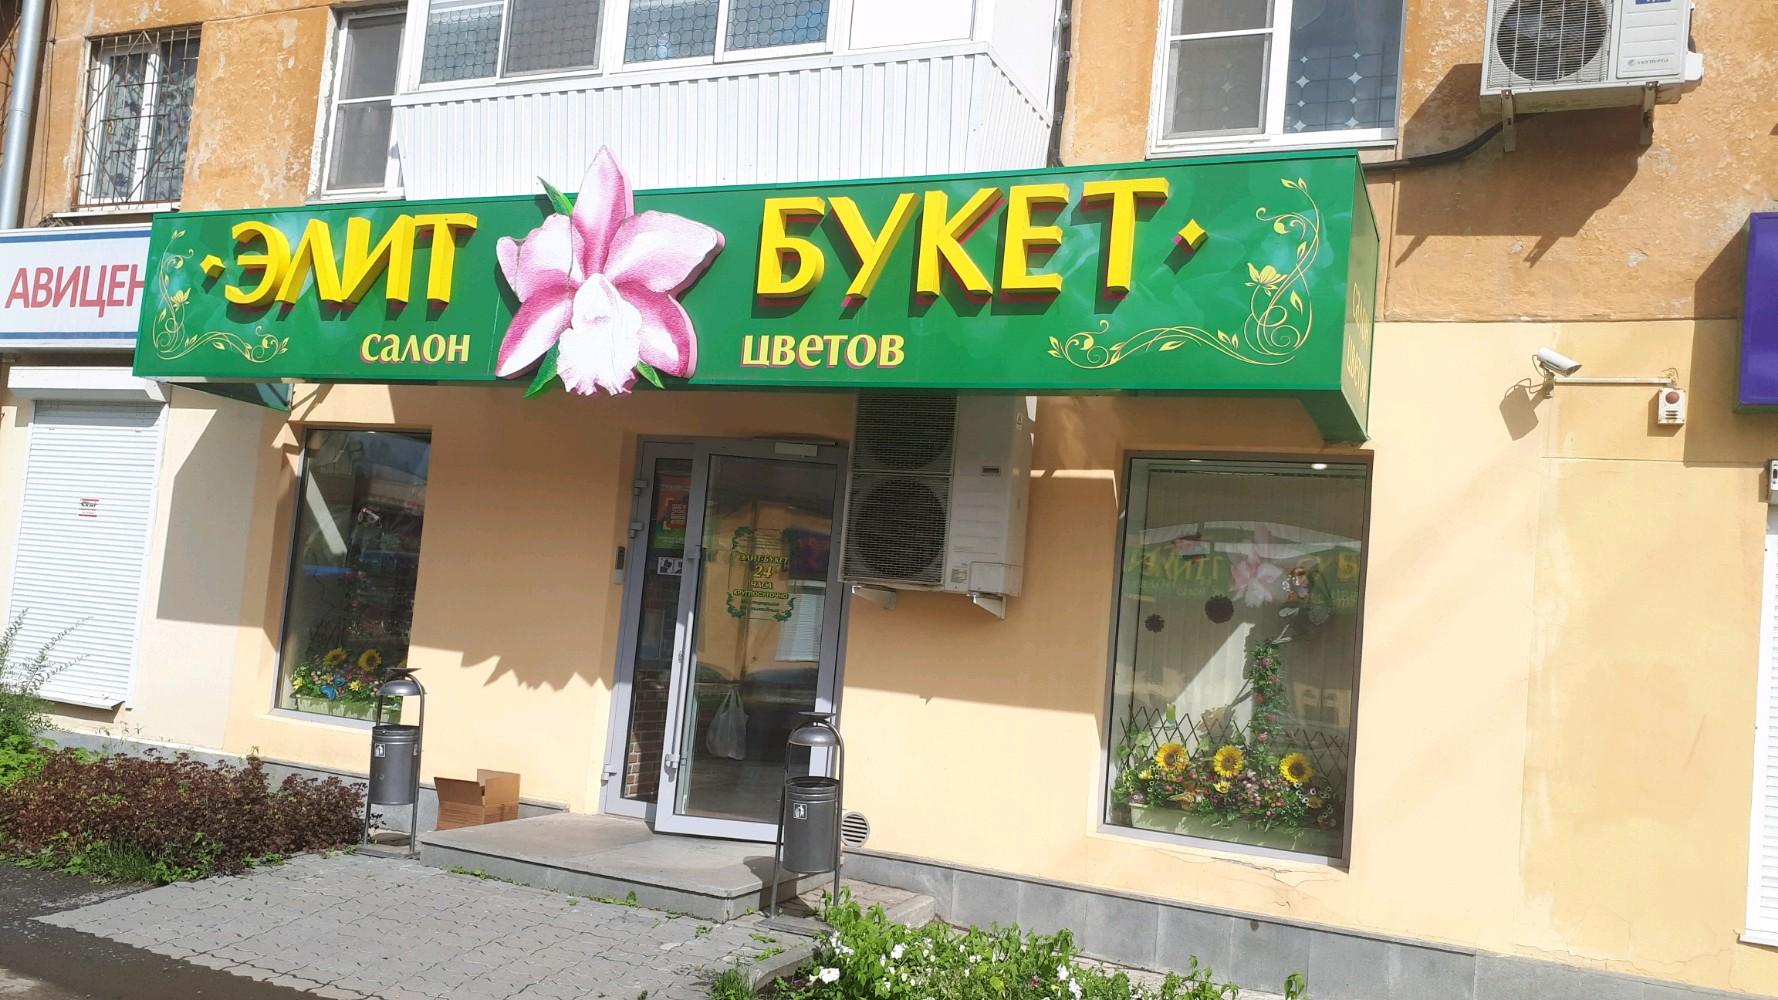 Праздничных букета, сеть магазин элит букет в екатеринбург свердловская область